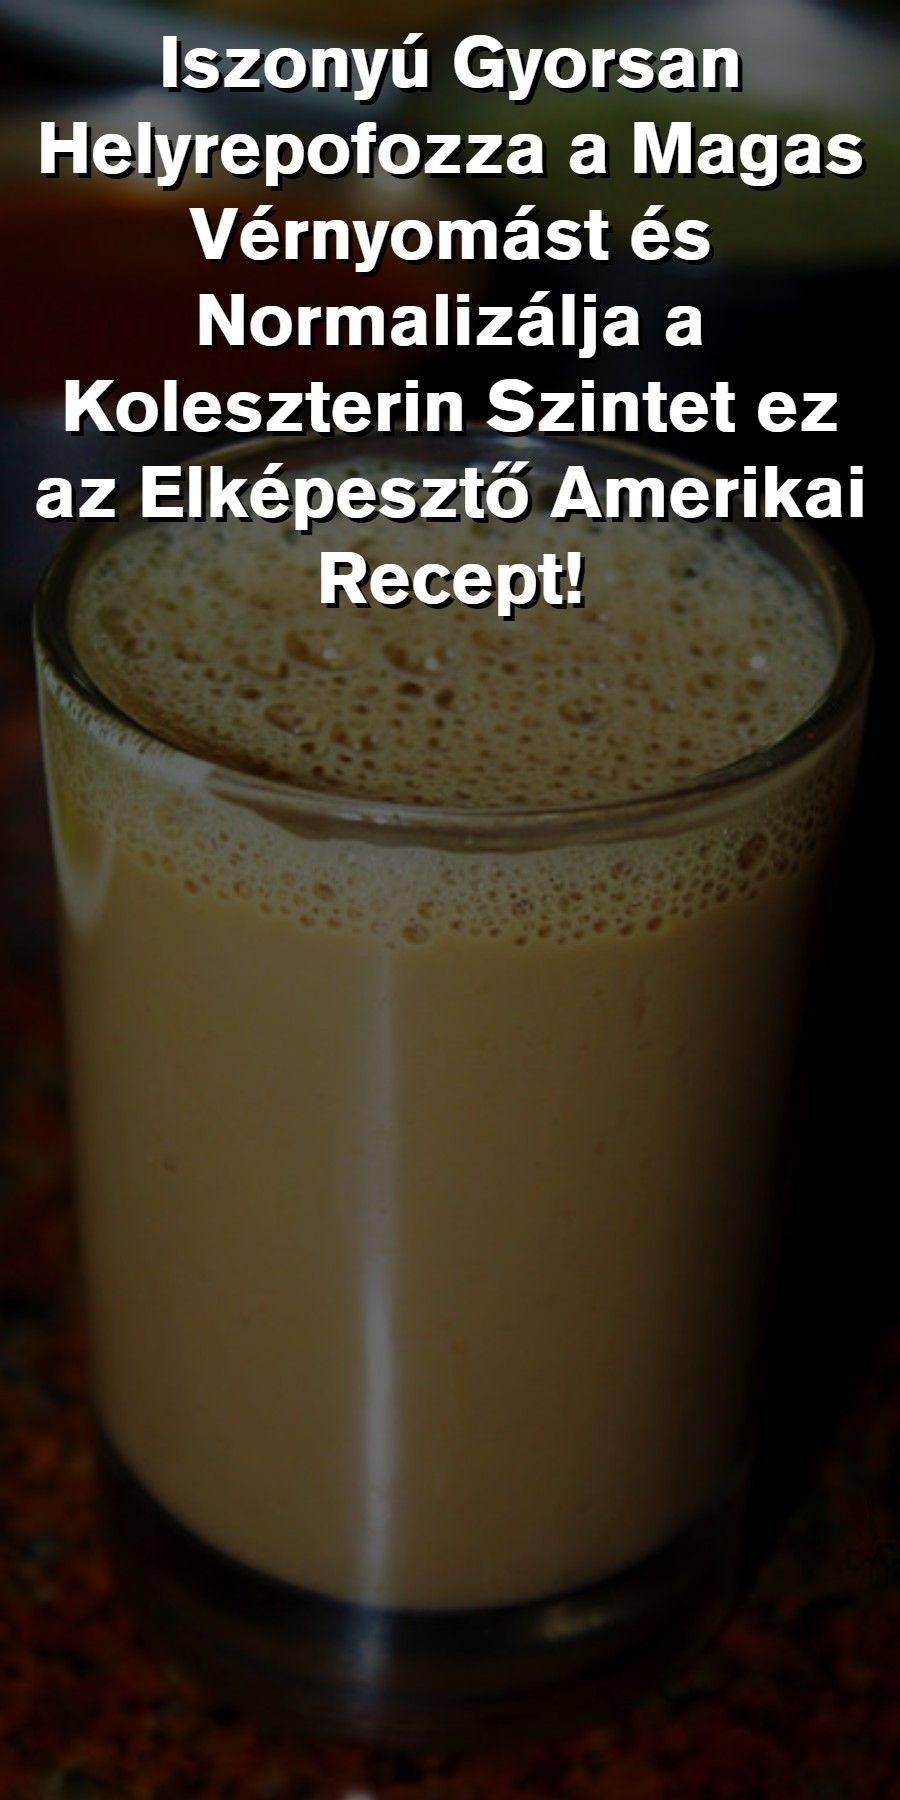 népi hatékony recept a magas vérnyomás ellen)